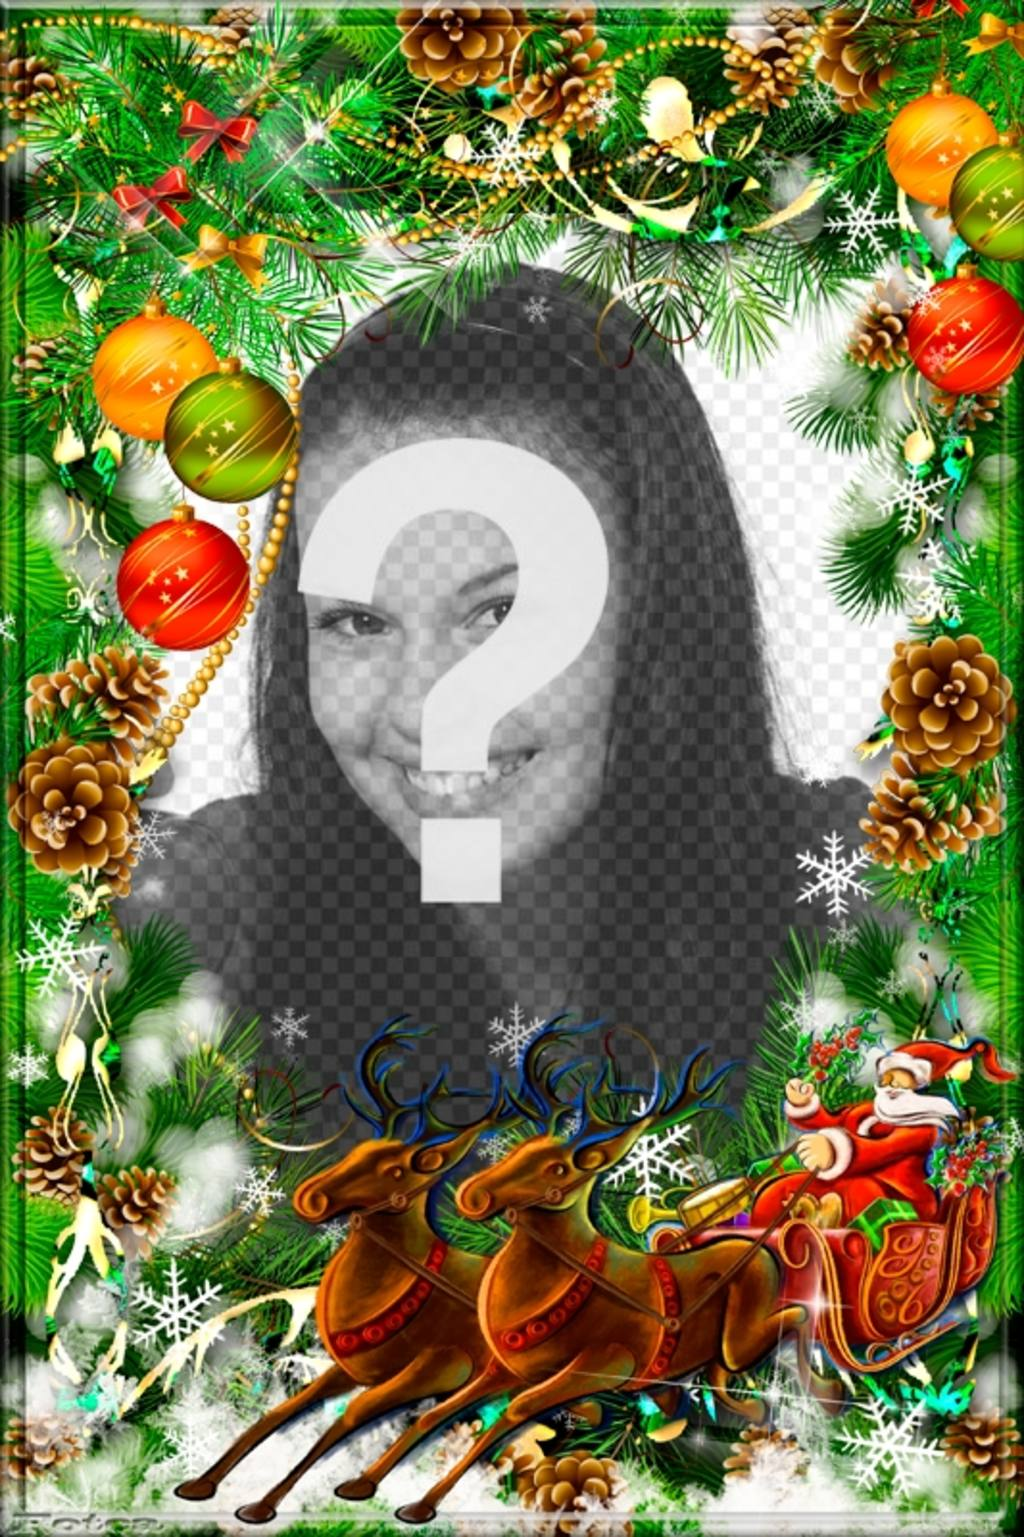 Immagini Natale Da Personalizzare.Cartolina Di Natale Da Personalizzare Con Una Corona E Di